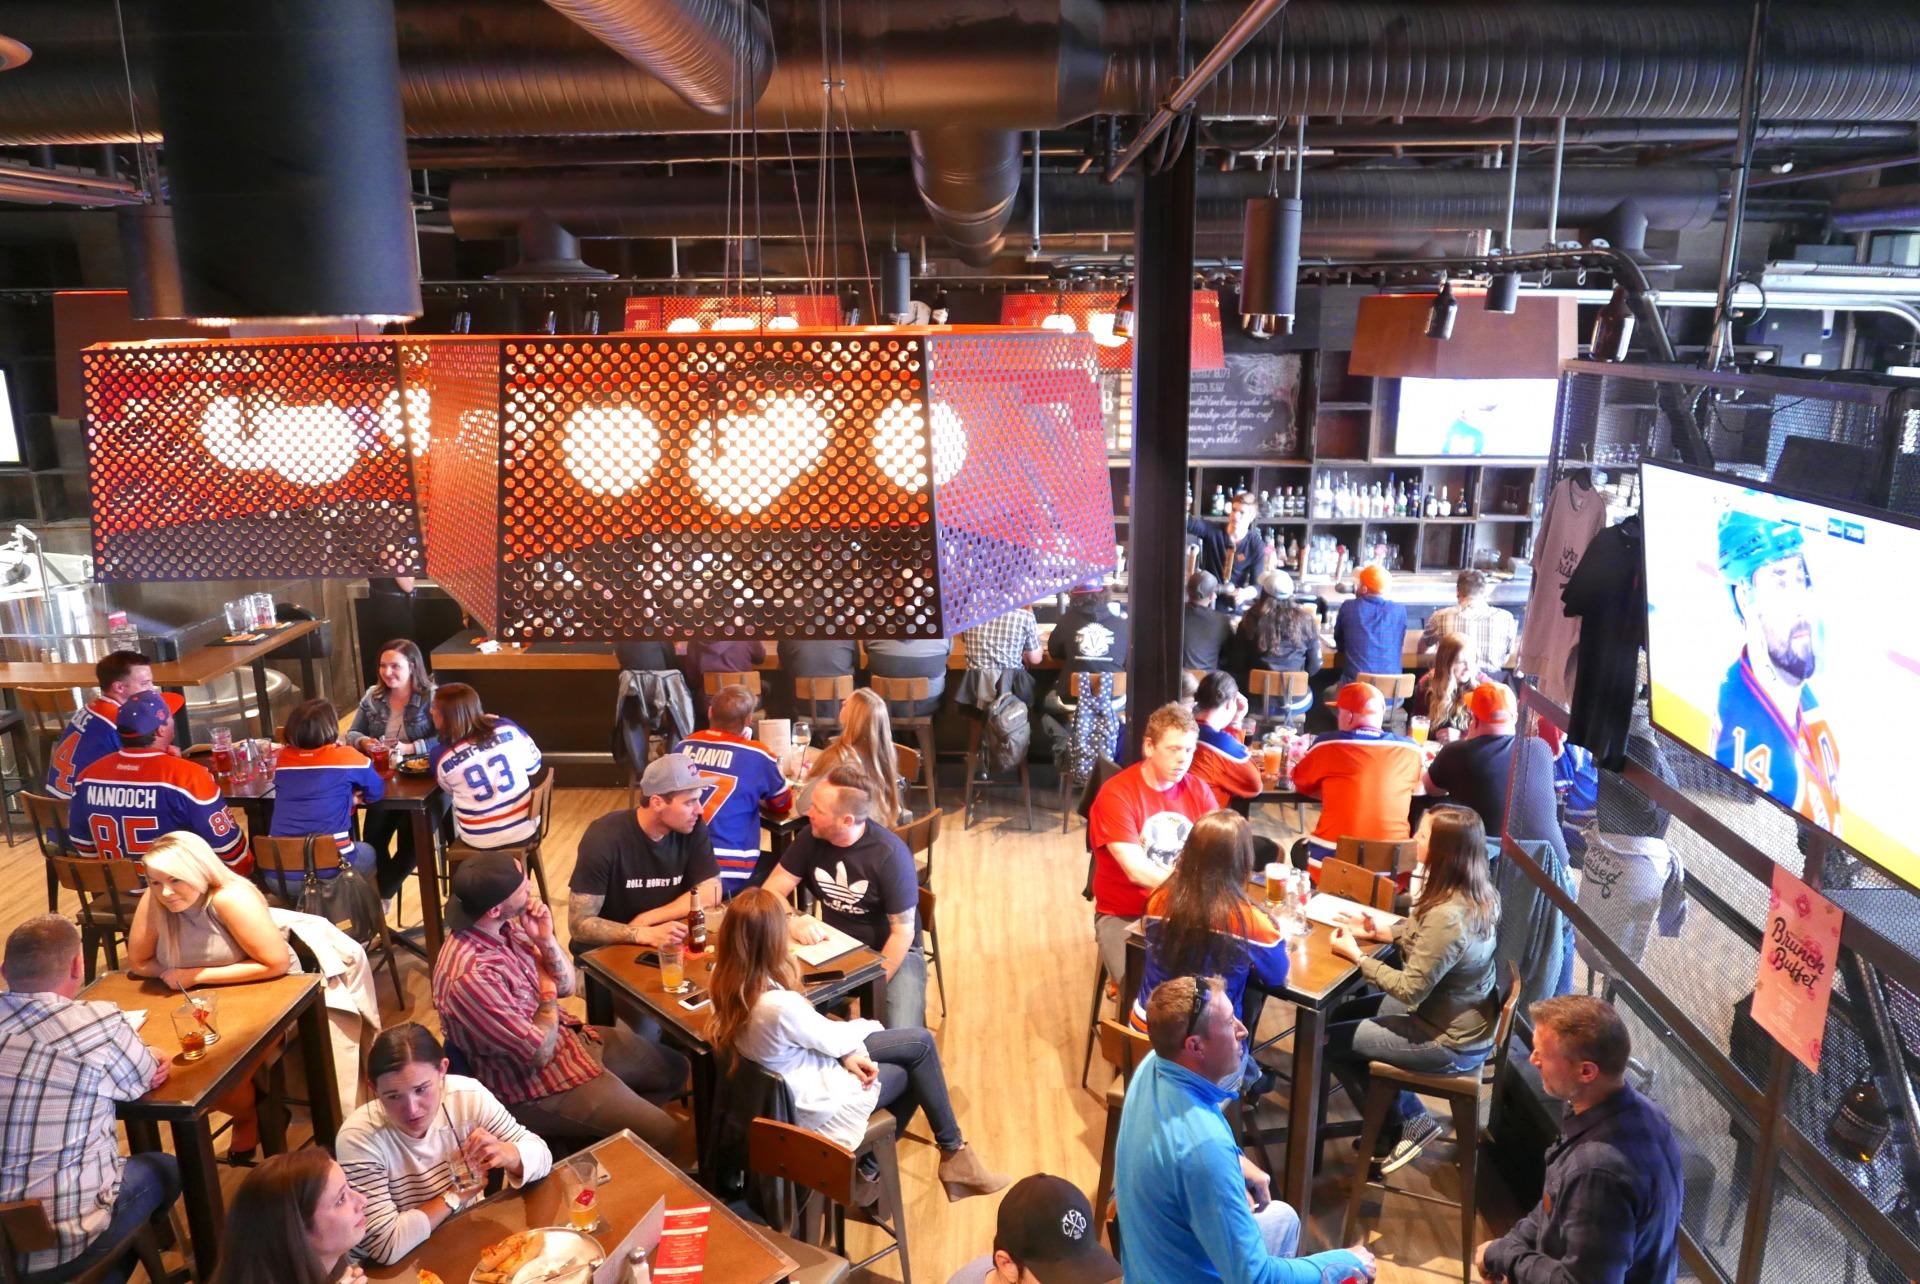 Cervejaria Torley 5 é perfeita para brindar bons momentos Calgary